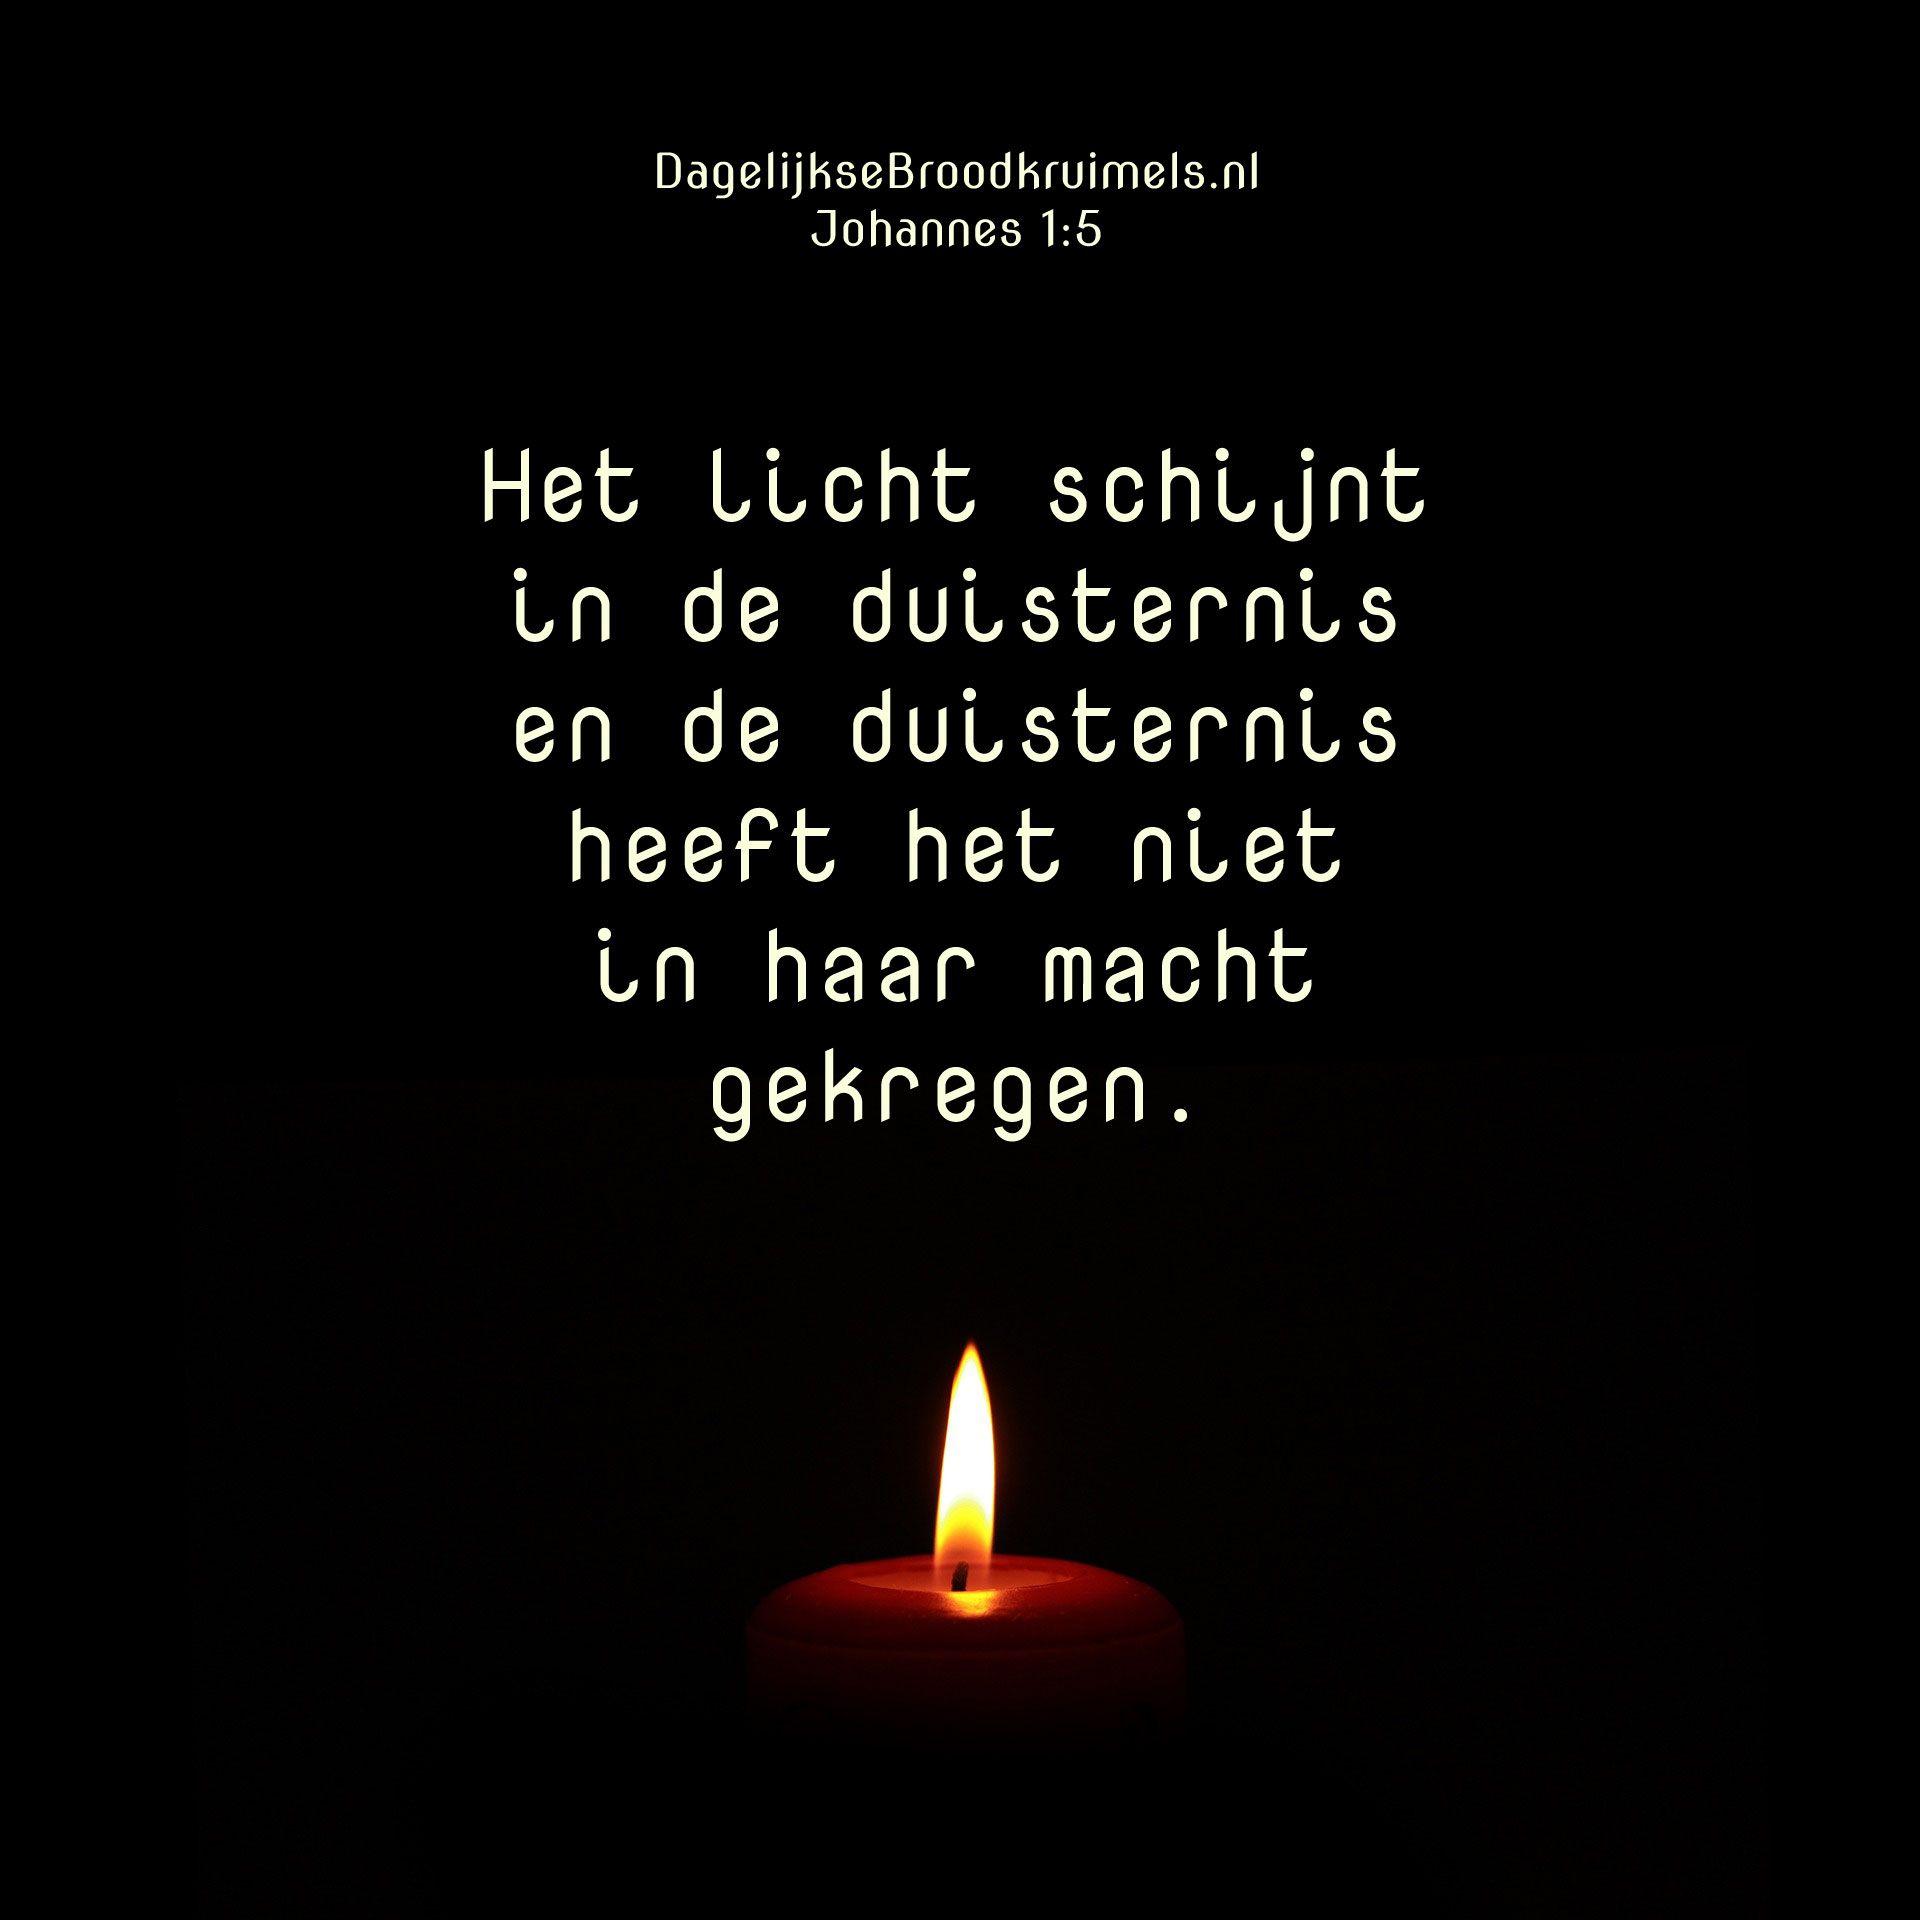 Christelijke Citaten Kerst : Het licht schijnt in de duisternis en heeft